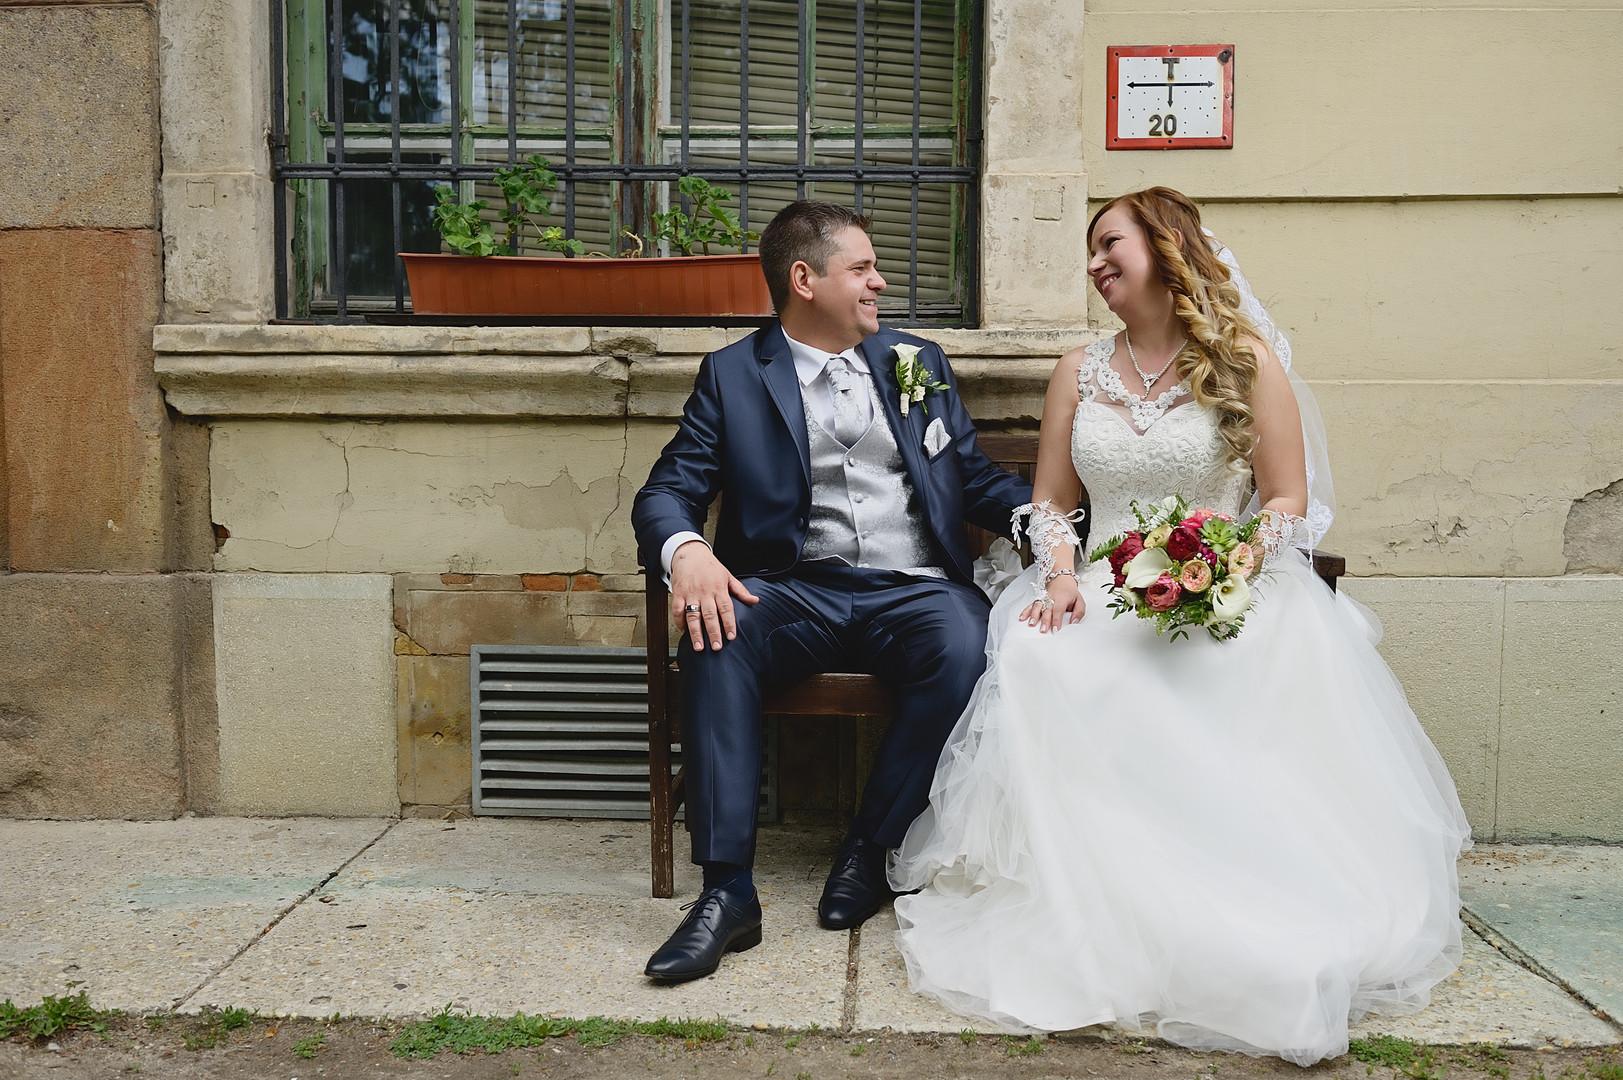 406  Esküvői fotózás - Enikő és Peti KRE